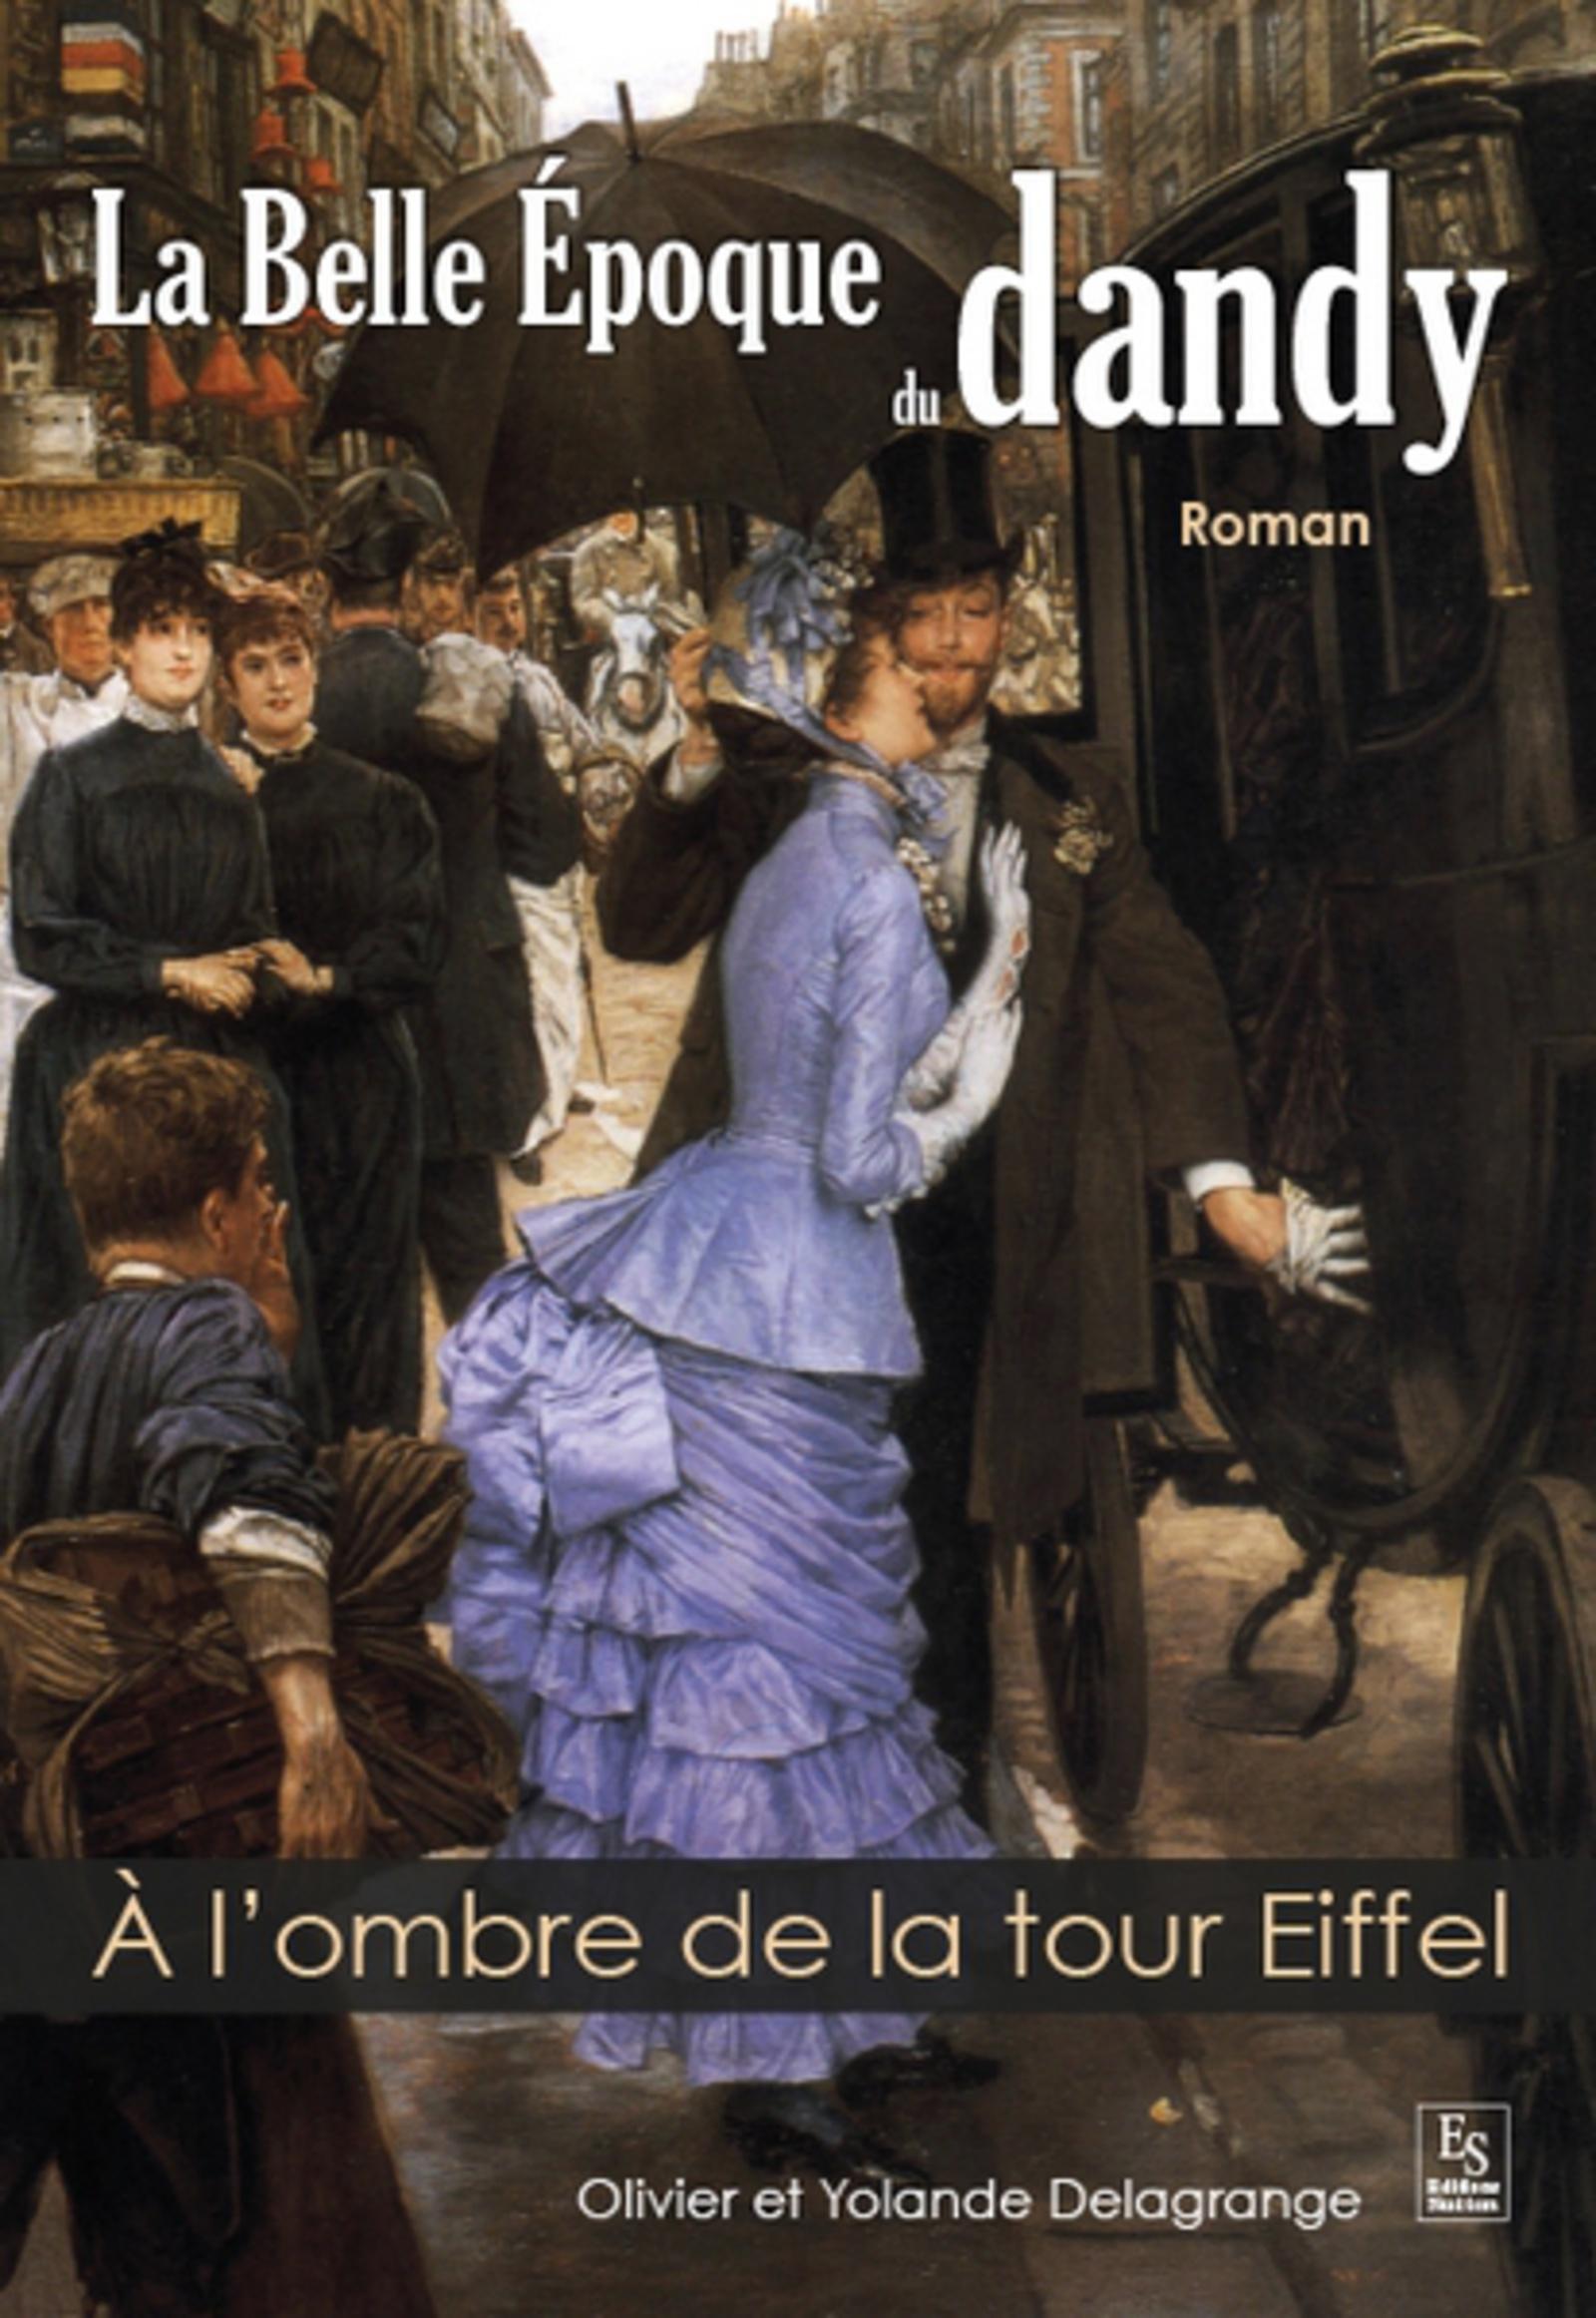 BELLE EPOQUE DU DANDY (LA) - A L'OMBRE DE LA TOUR EIFFEL